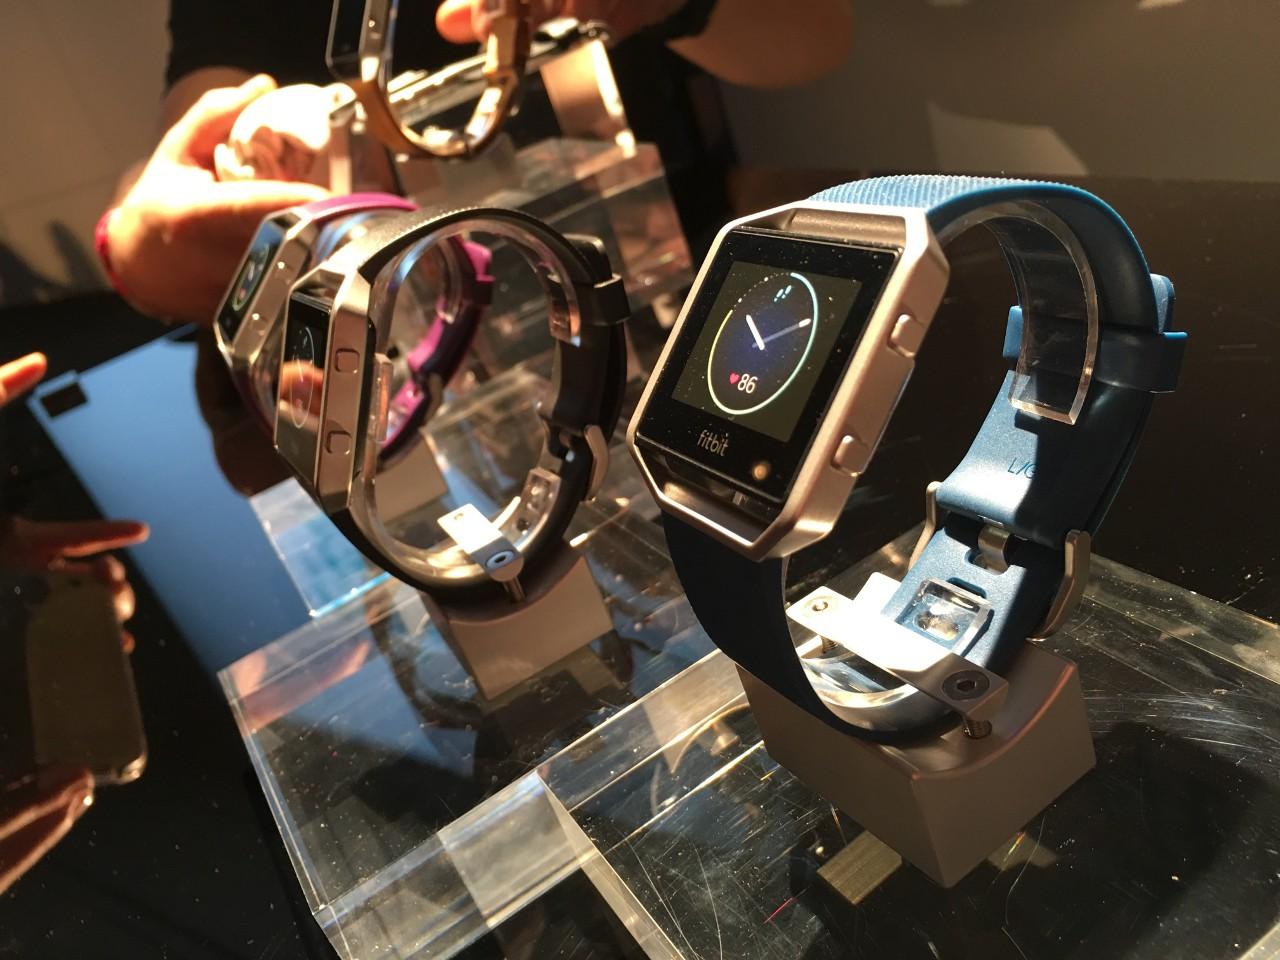 Новинка 2016-го Fitbit Blaze больше браслет, нежели смартвоч. Зато пять суток без подзарядки и цена ниже $200.